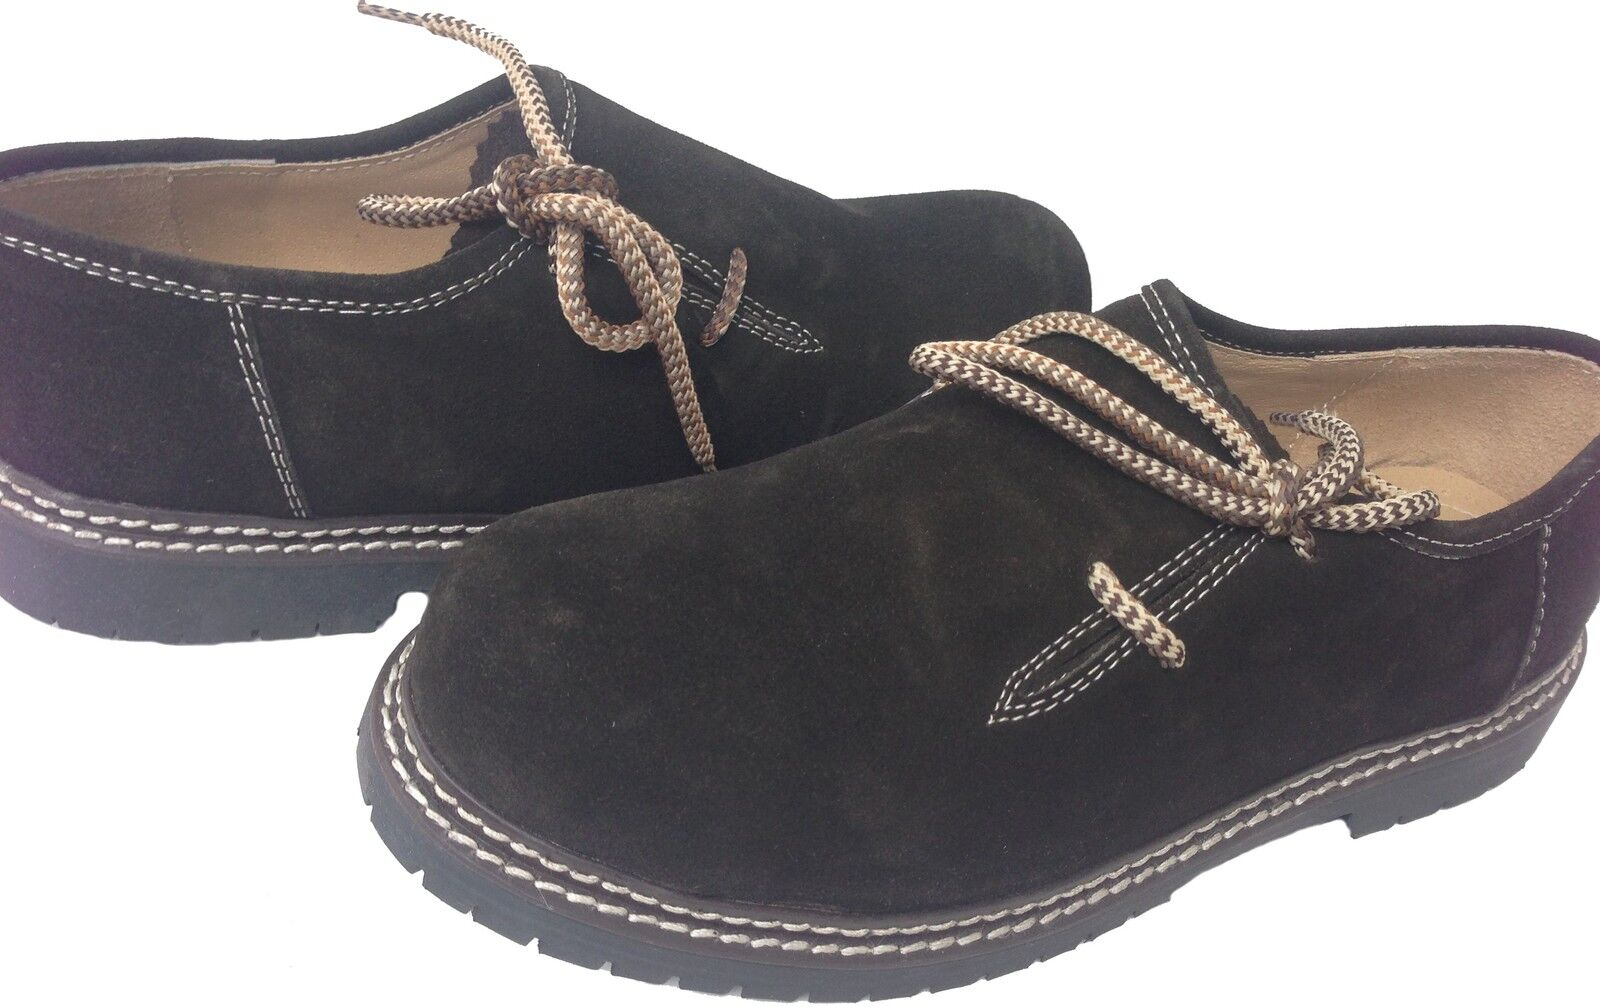 Herren Schuhe Herrenschuhe Haferlschuhe Wanderschuhe  d Braun Echt Leder Haferl